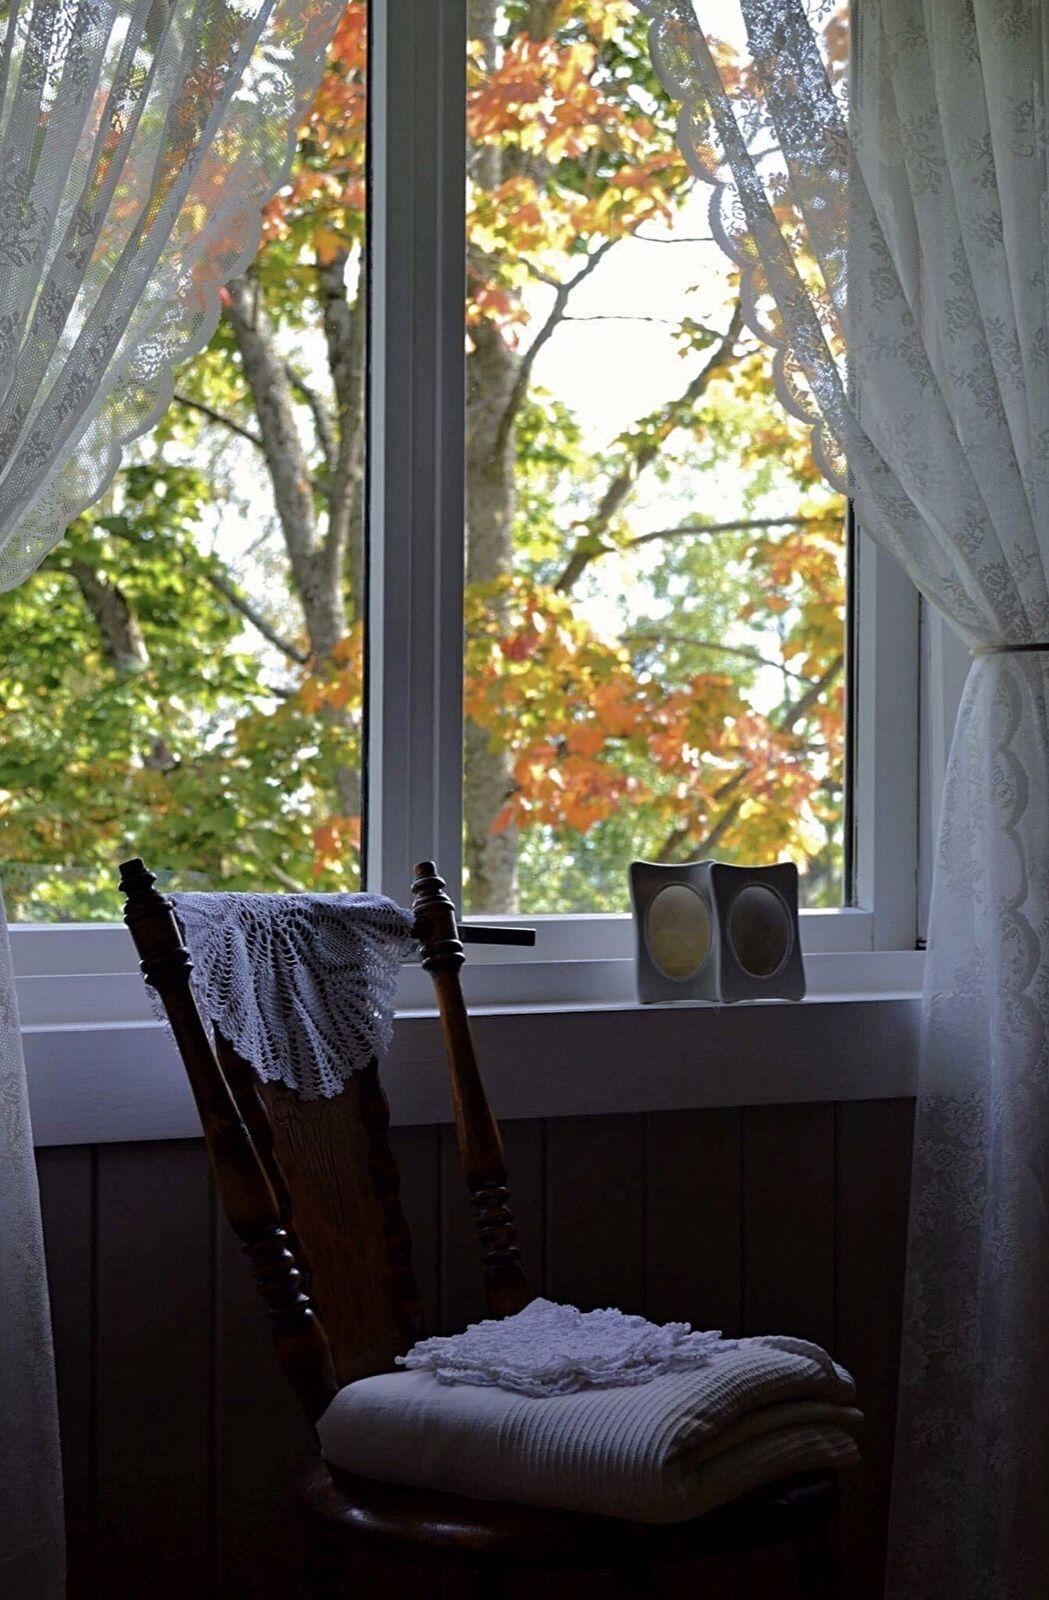 Photo of Gammeldags soverom, gammel stol, hekleduker, blondegardiner, vindu, høst, landl…,  #blondeg…